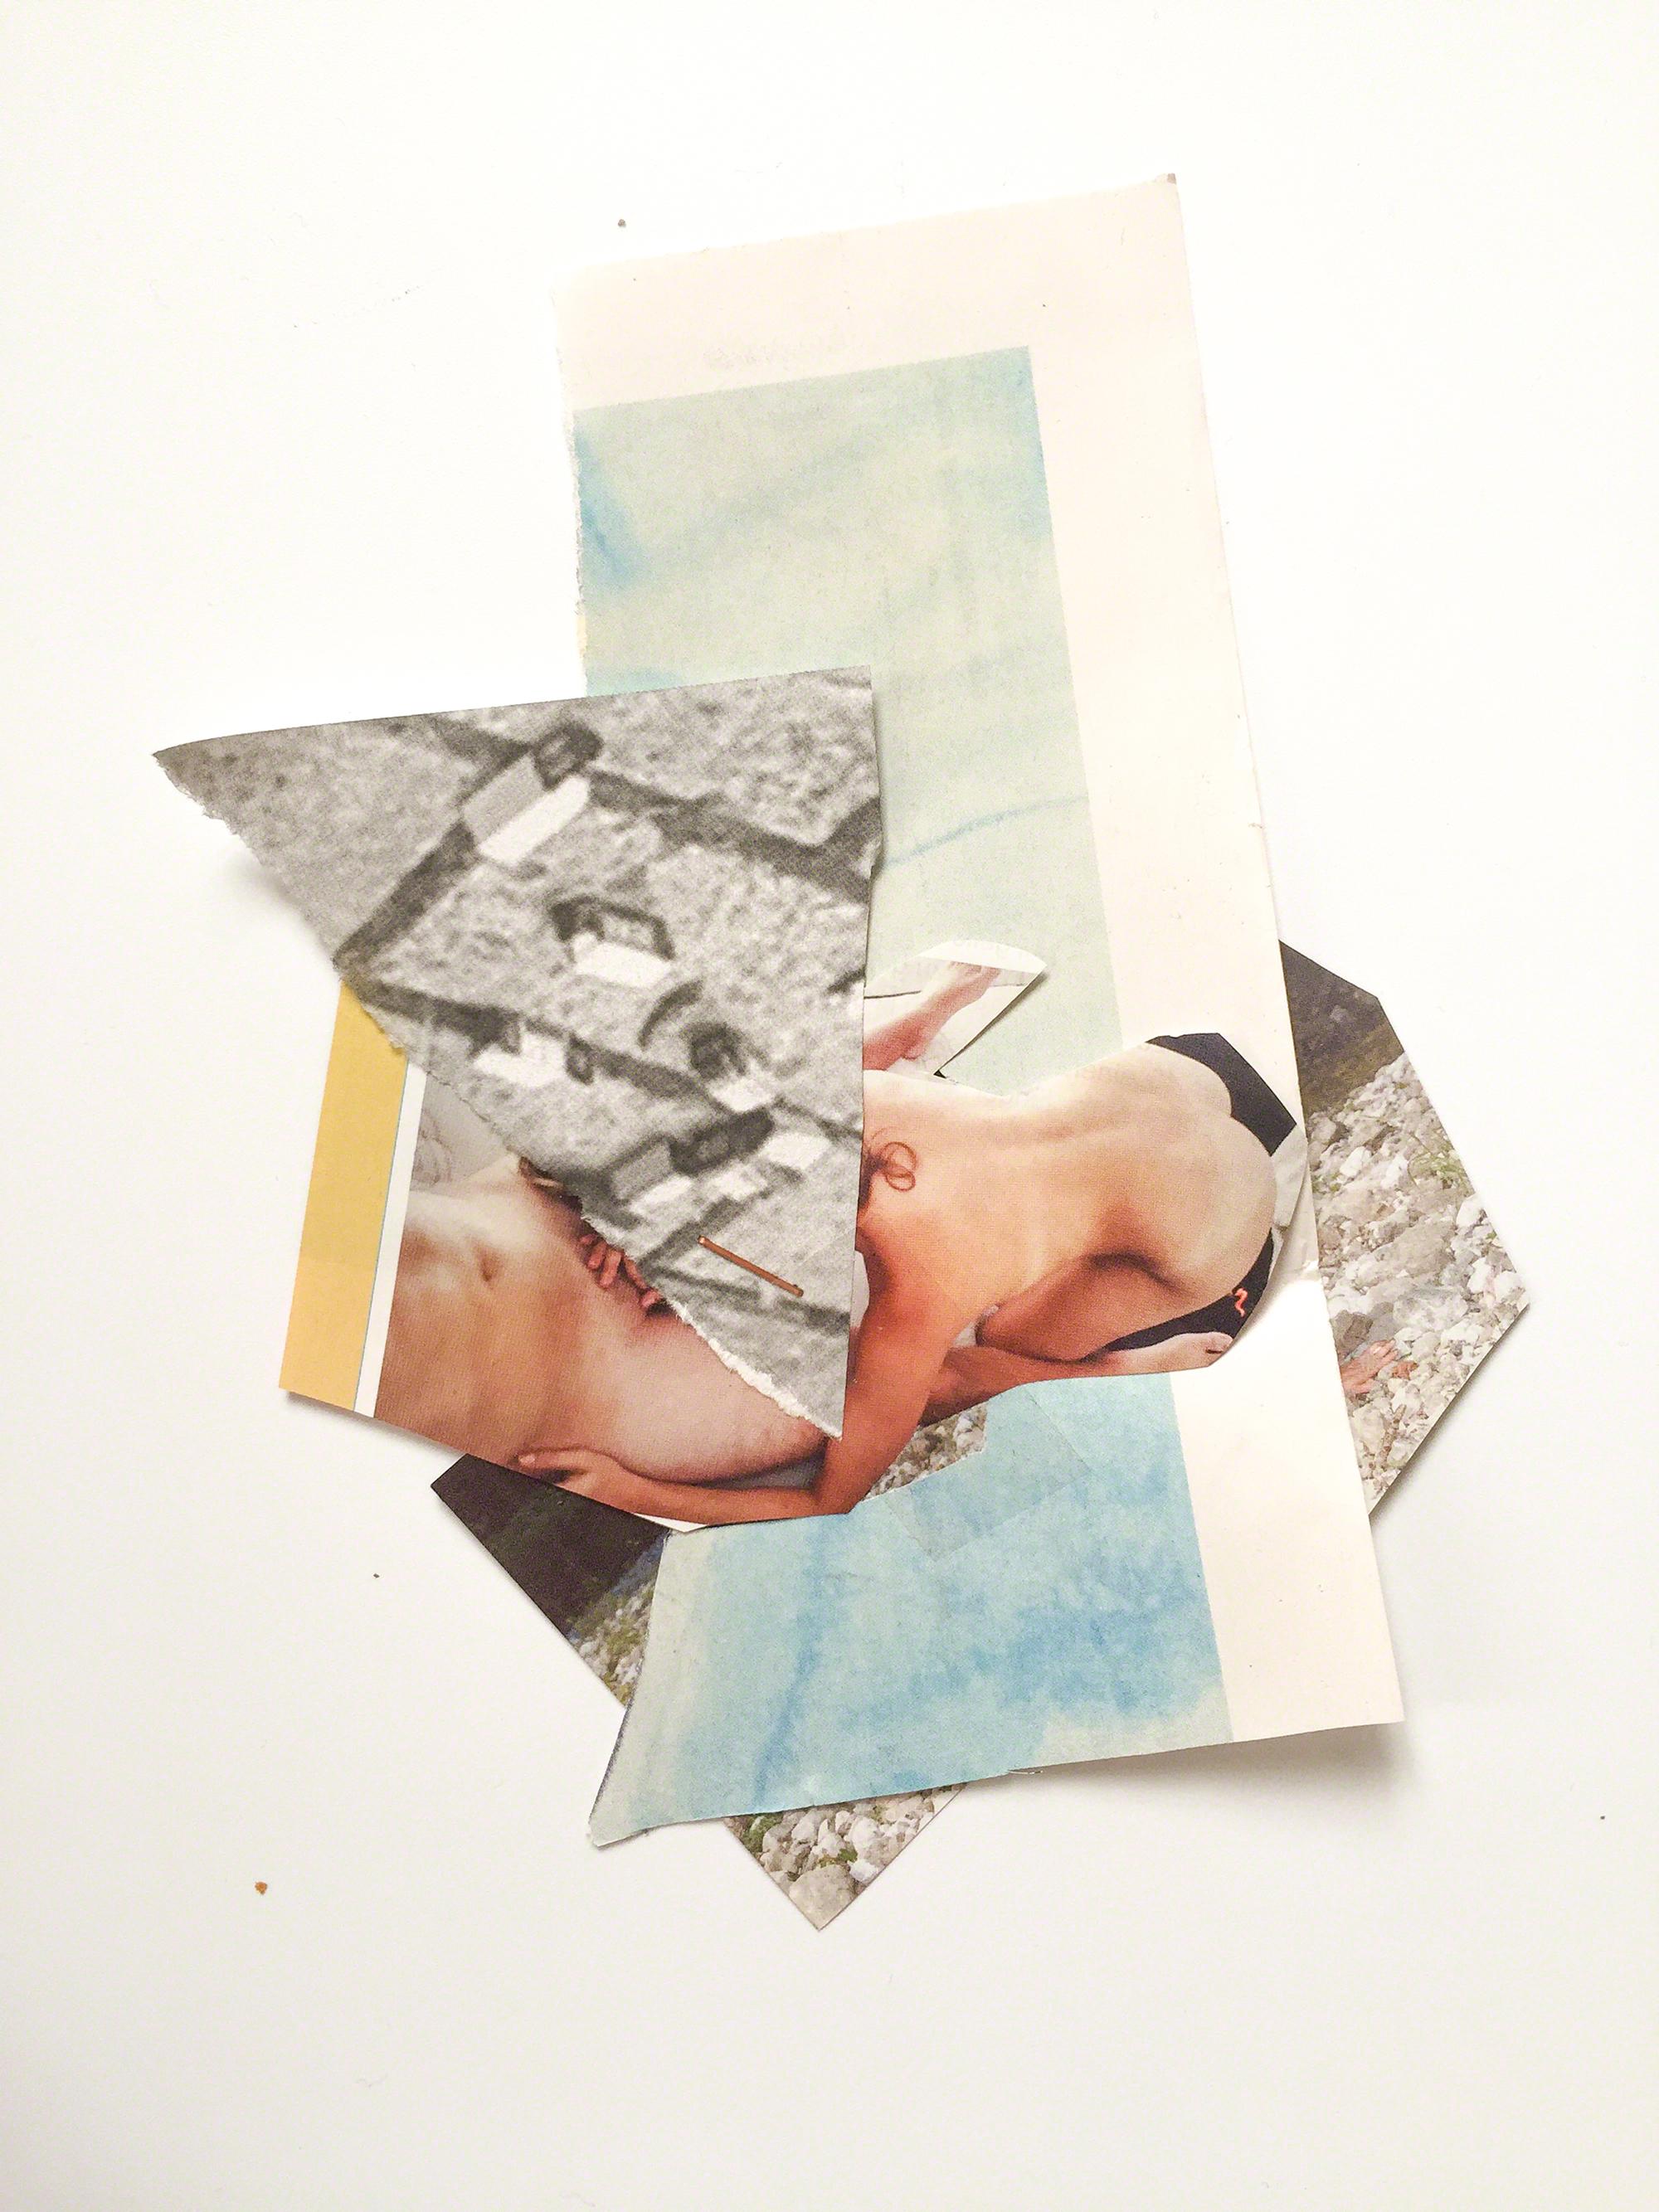 Interchangeable-Faces-HEYDT-3436.jpg